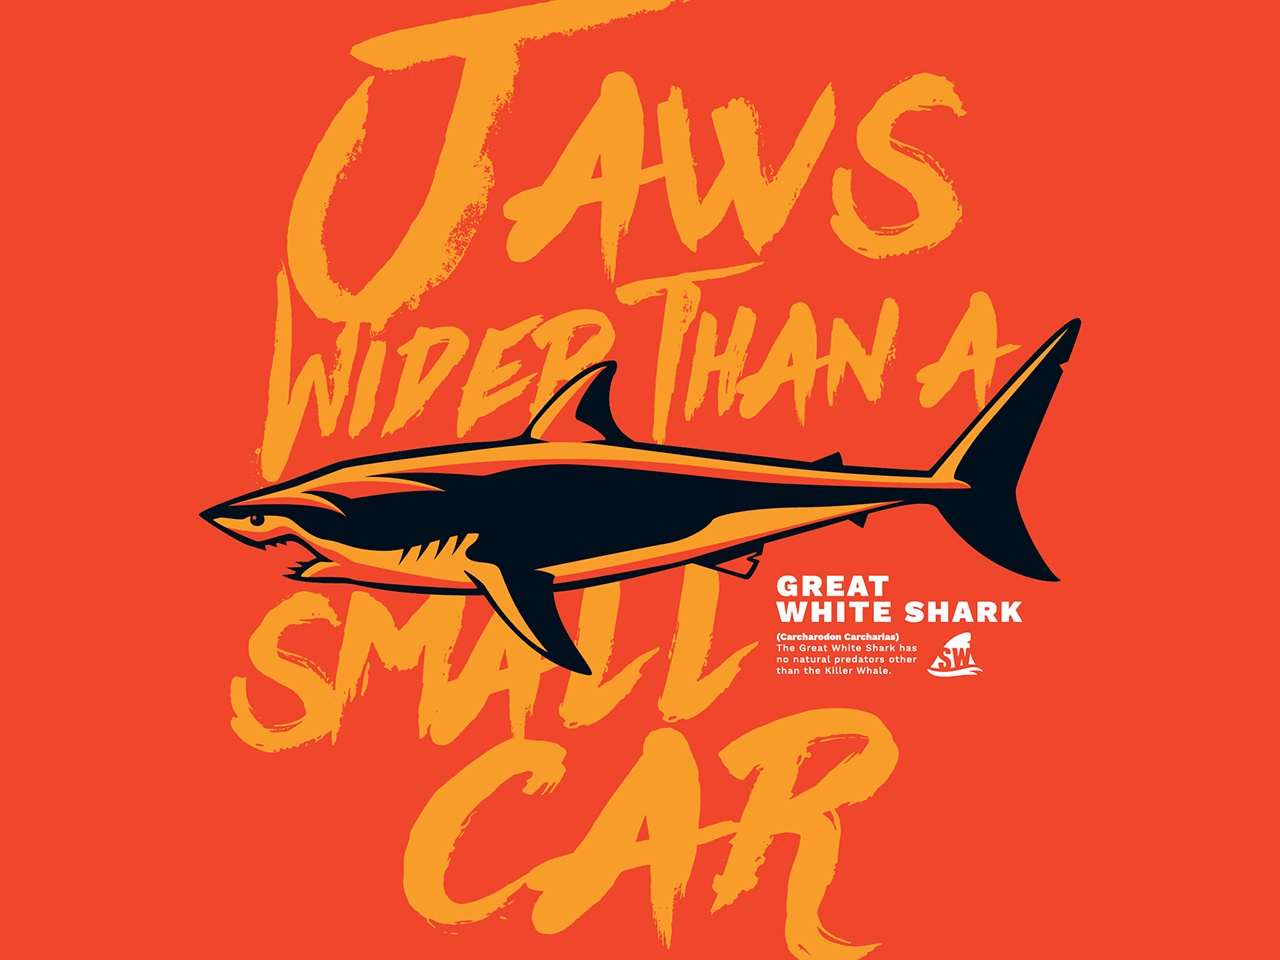 Pilot web shark week7